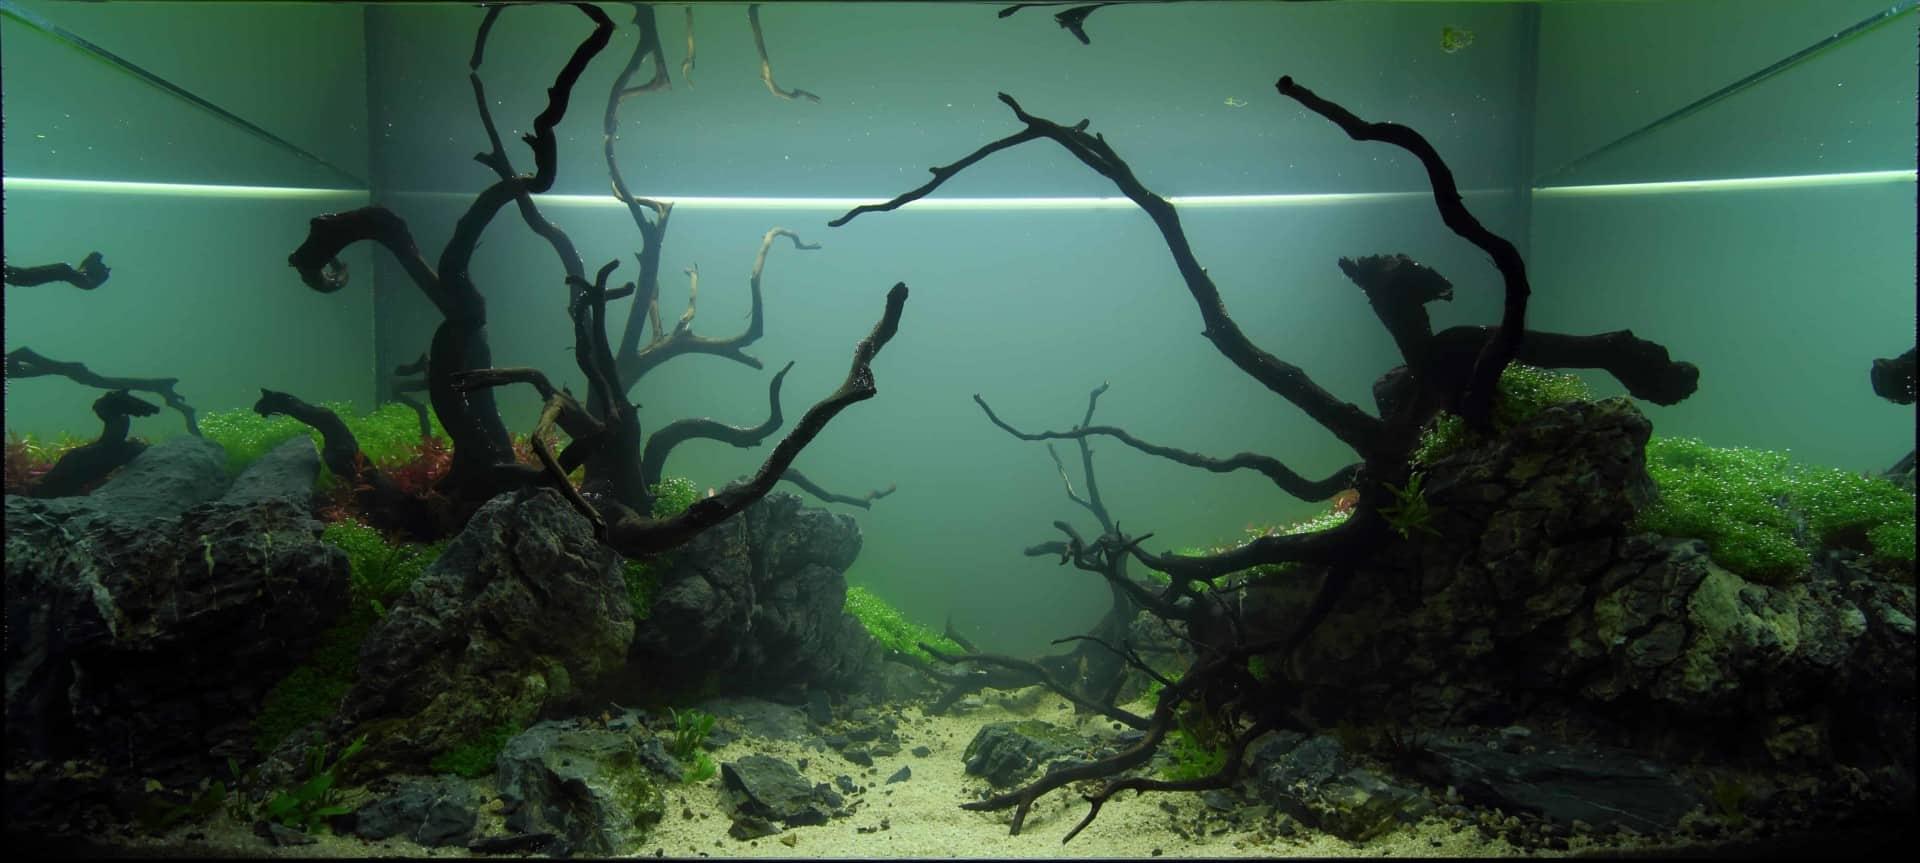 191 - The Art of the Planted Aquarium - Neuheiten und Möglichkeiten zum Mitmachen im April 2019 (Stefanie Hesse) 37